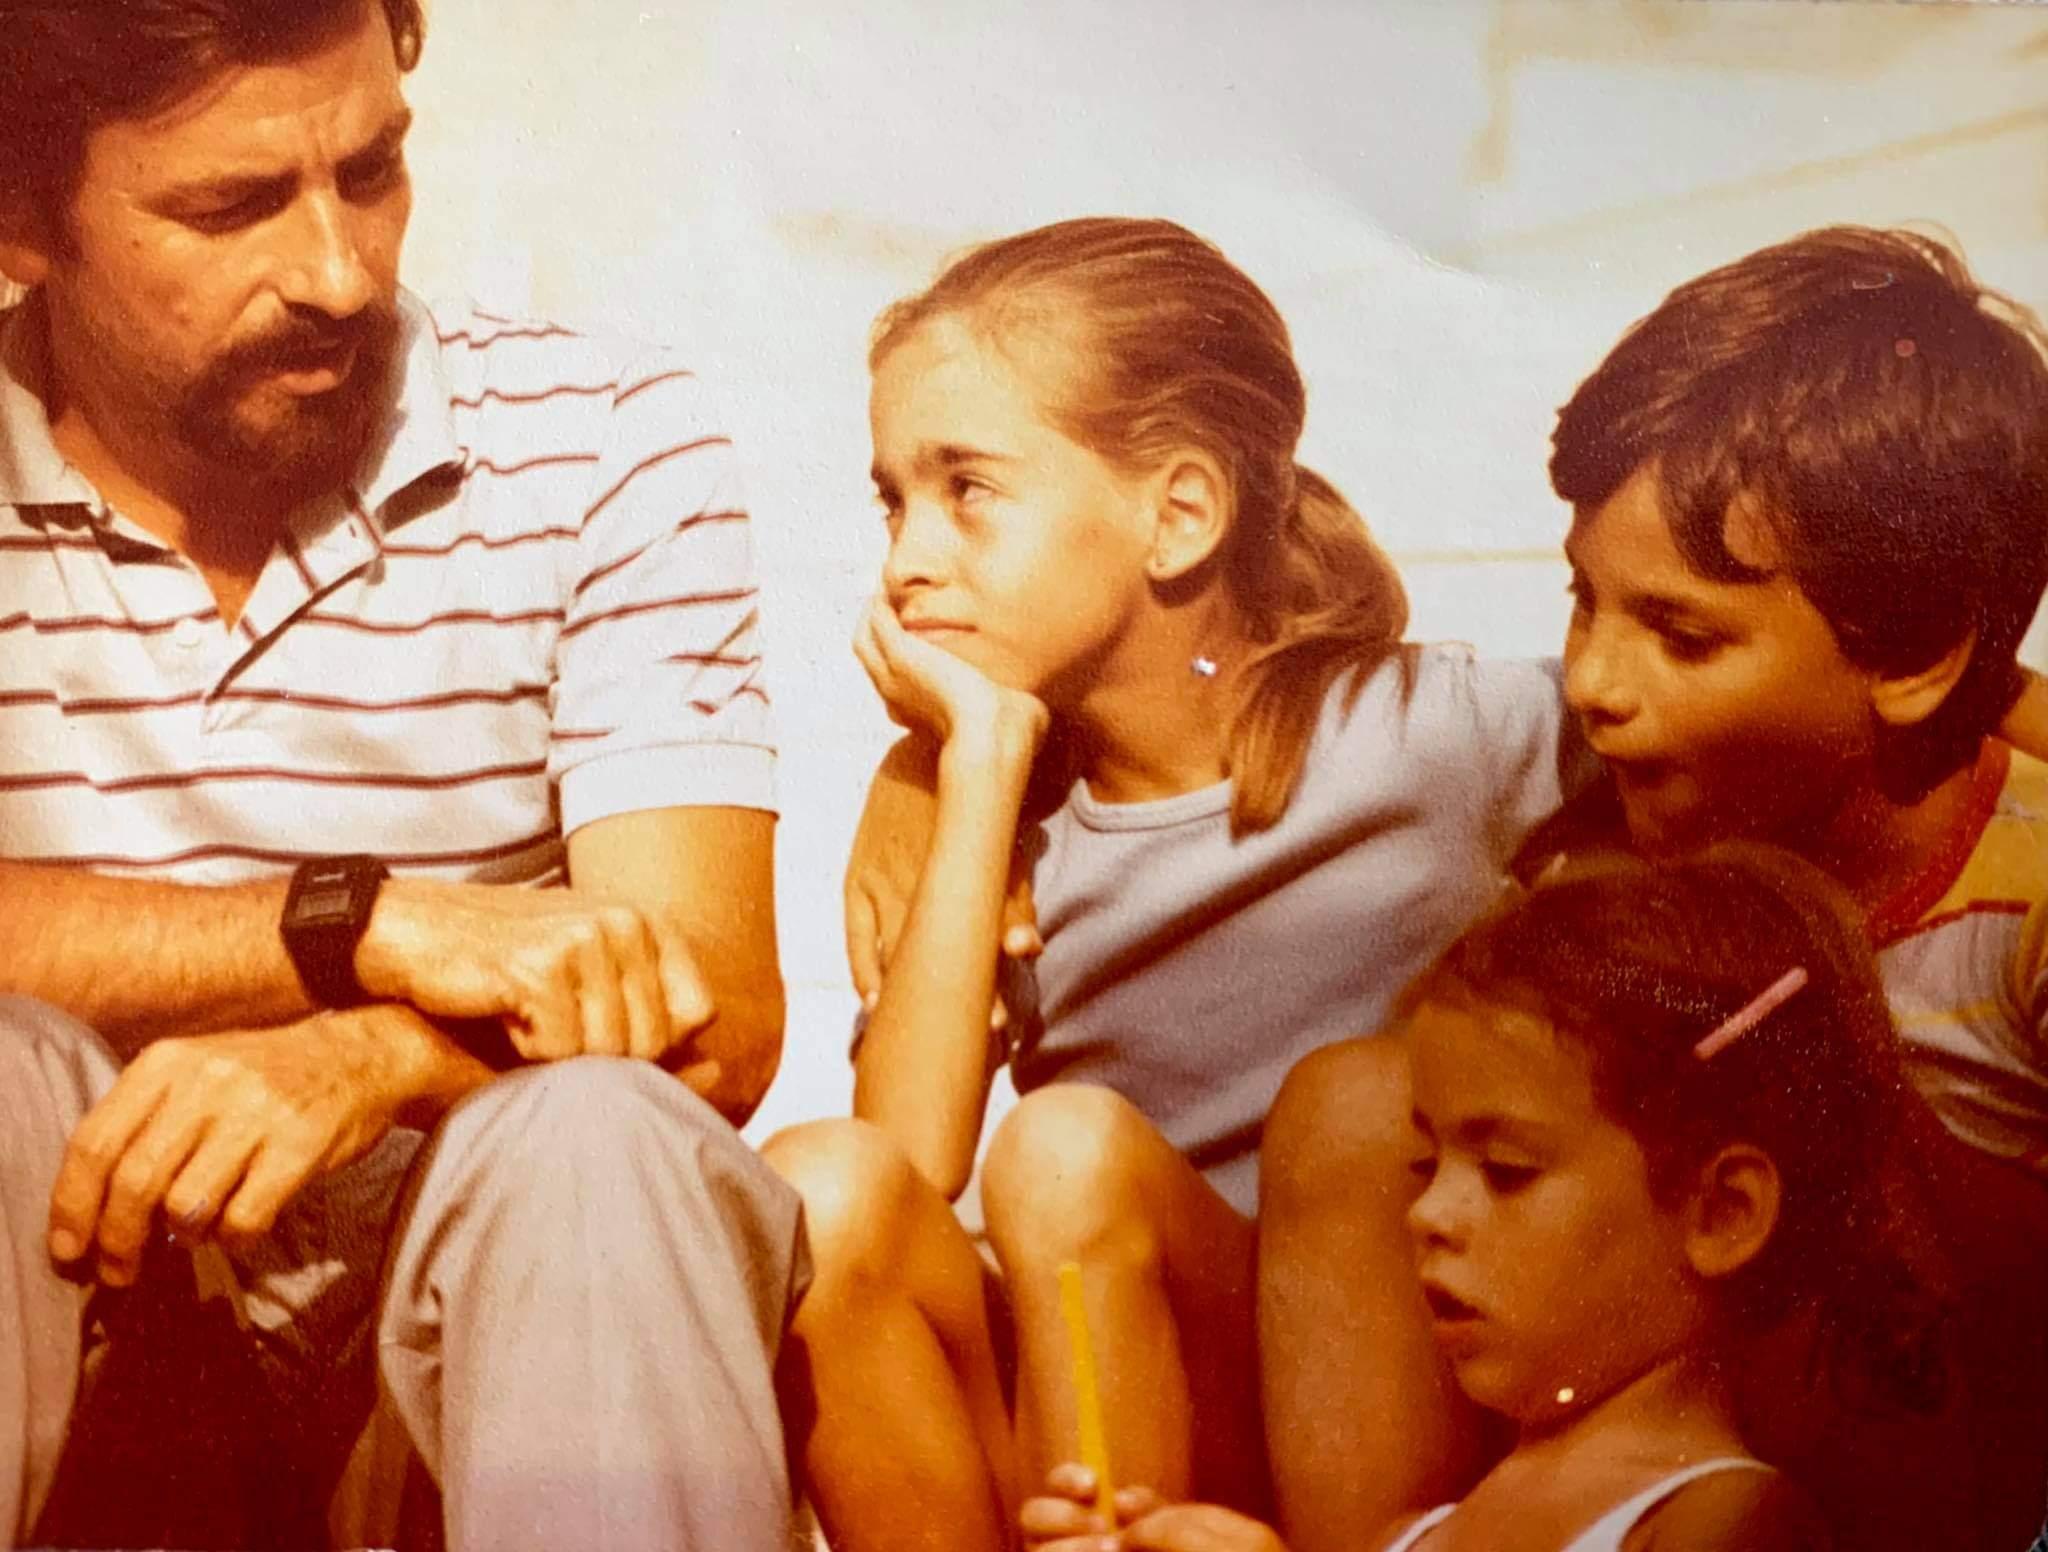 Ο Γιώργος Τόλης με τα τρία παιδιά του Αλεξία, Γιάννη και Δάφνη στην Αίγινα όπου γεννήθηκε.